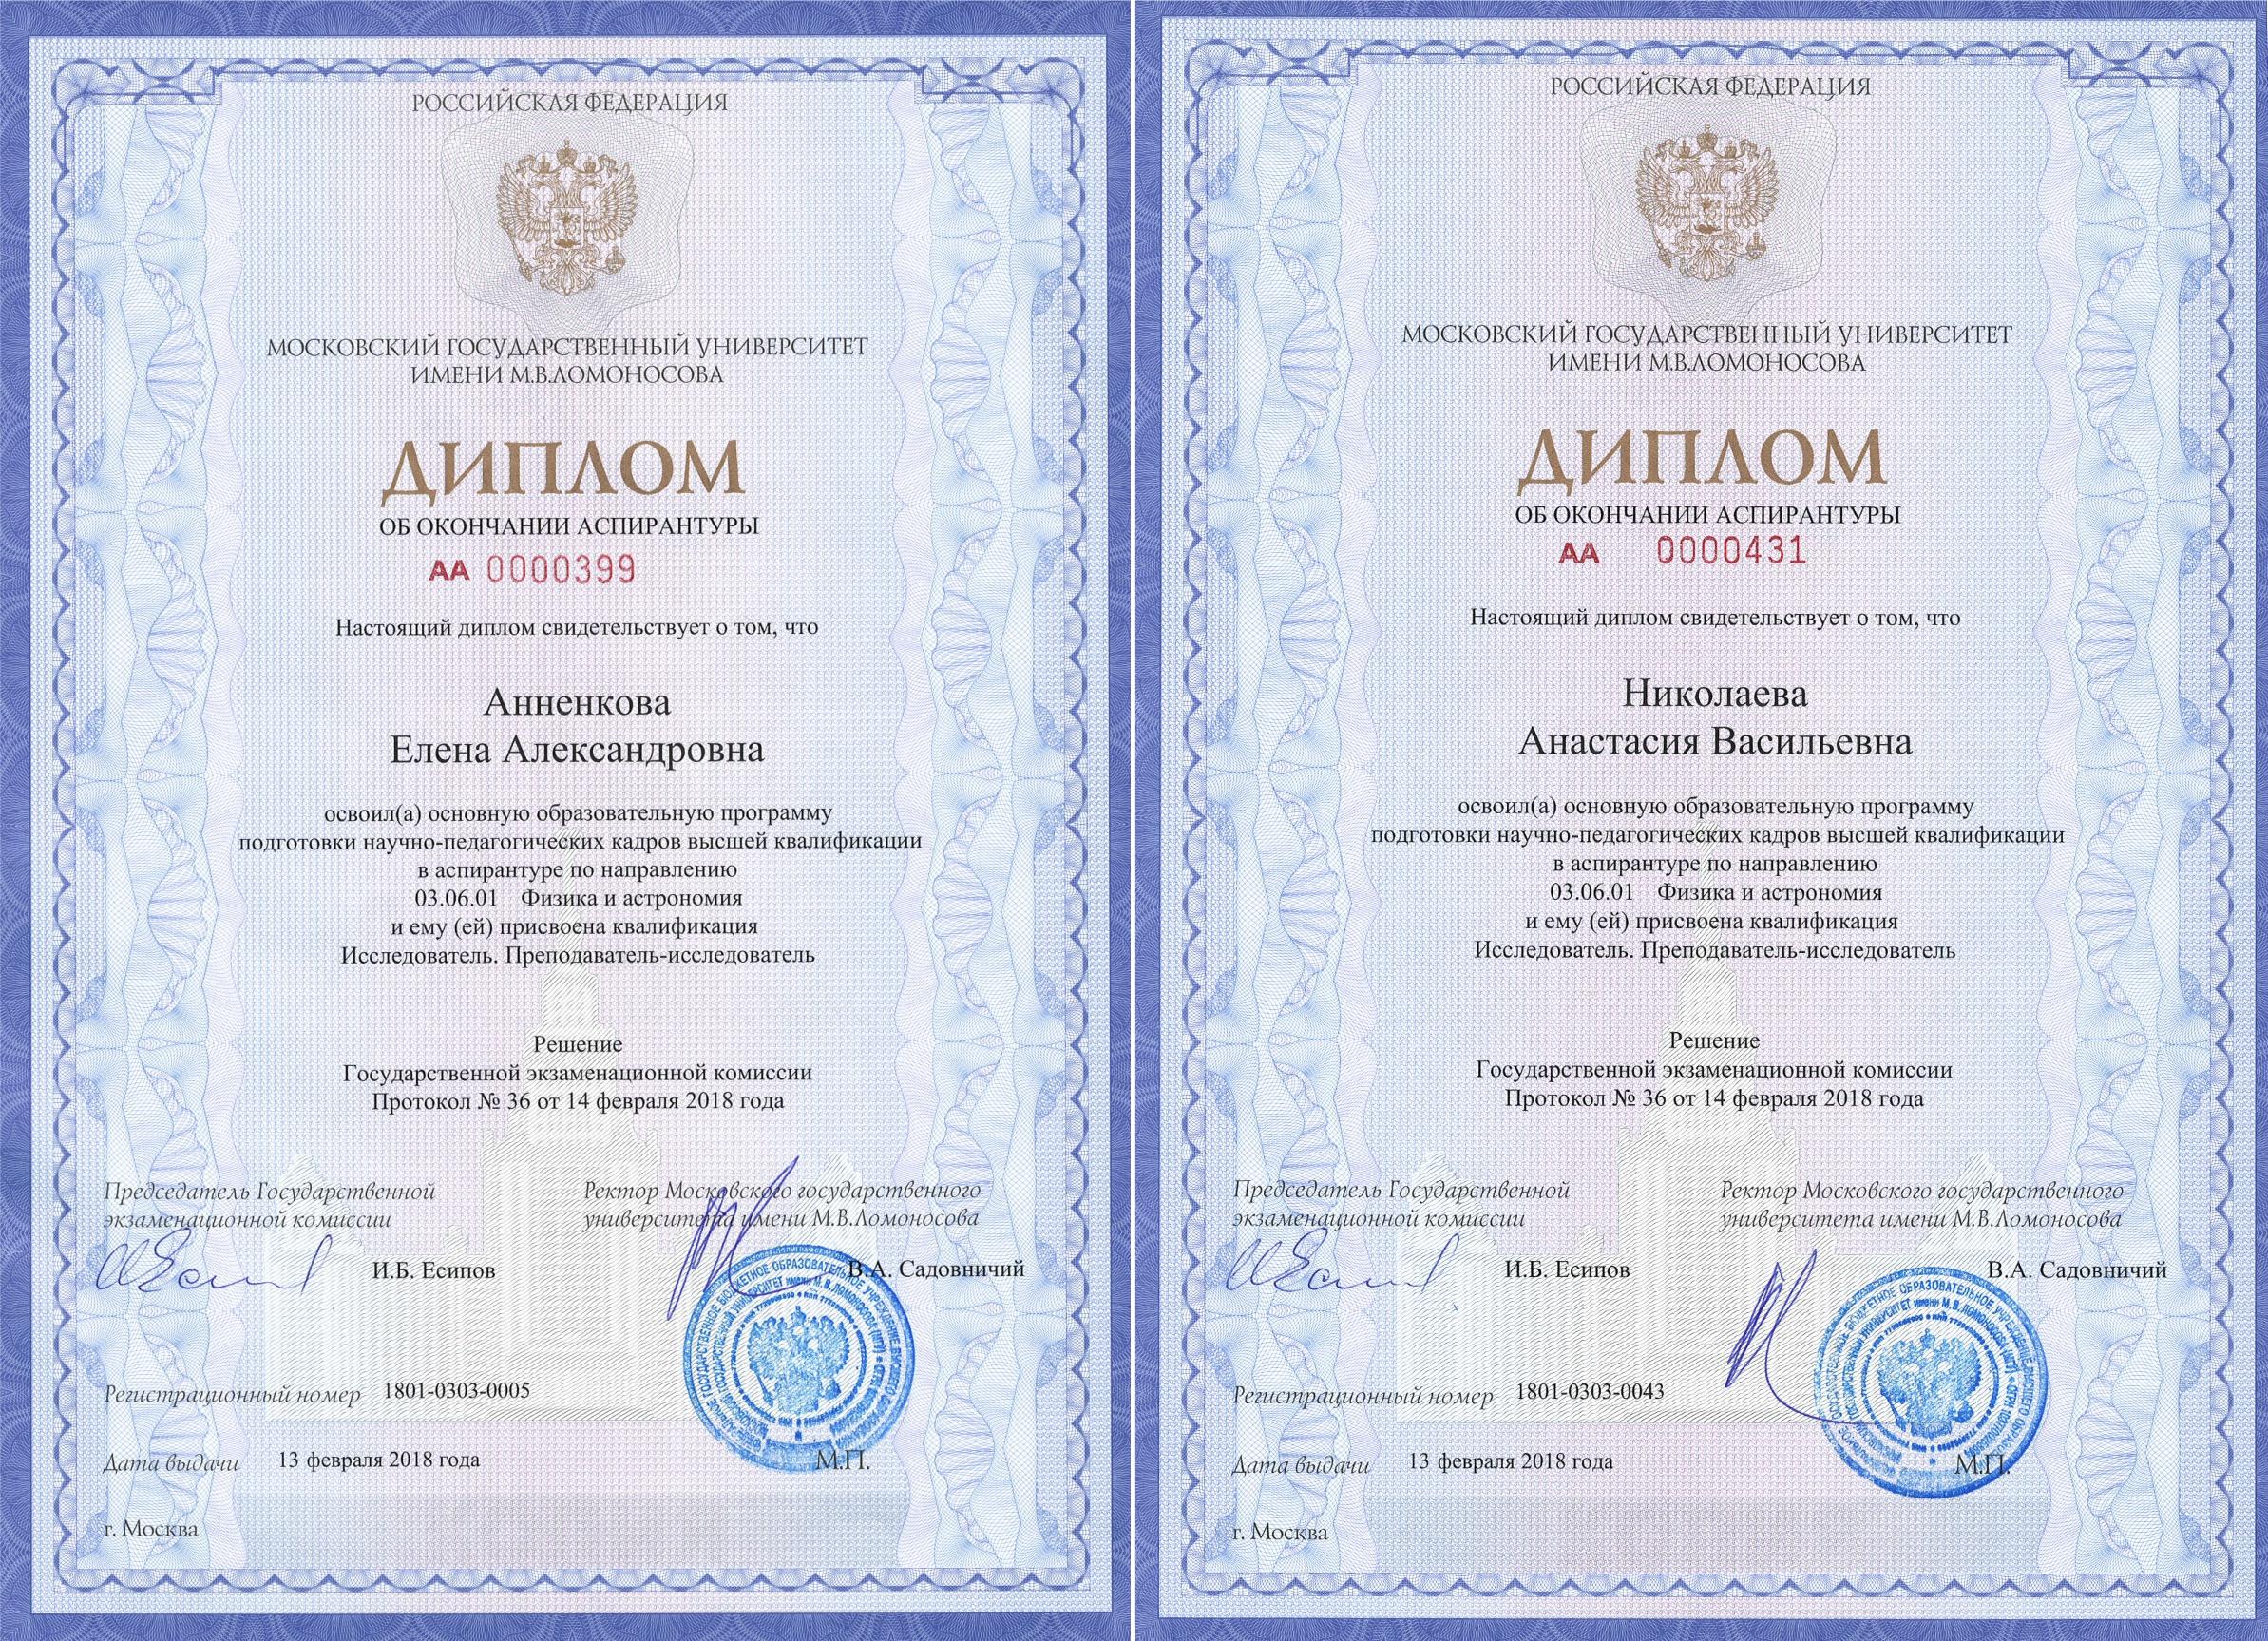 Поздравление с получением диплома о высшем образовании 67